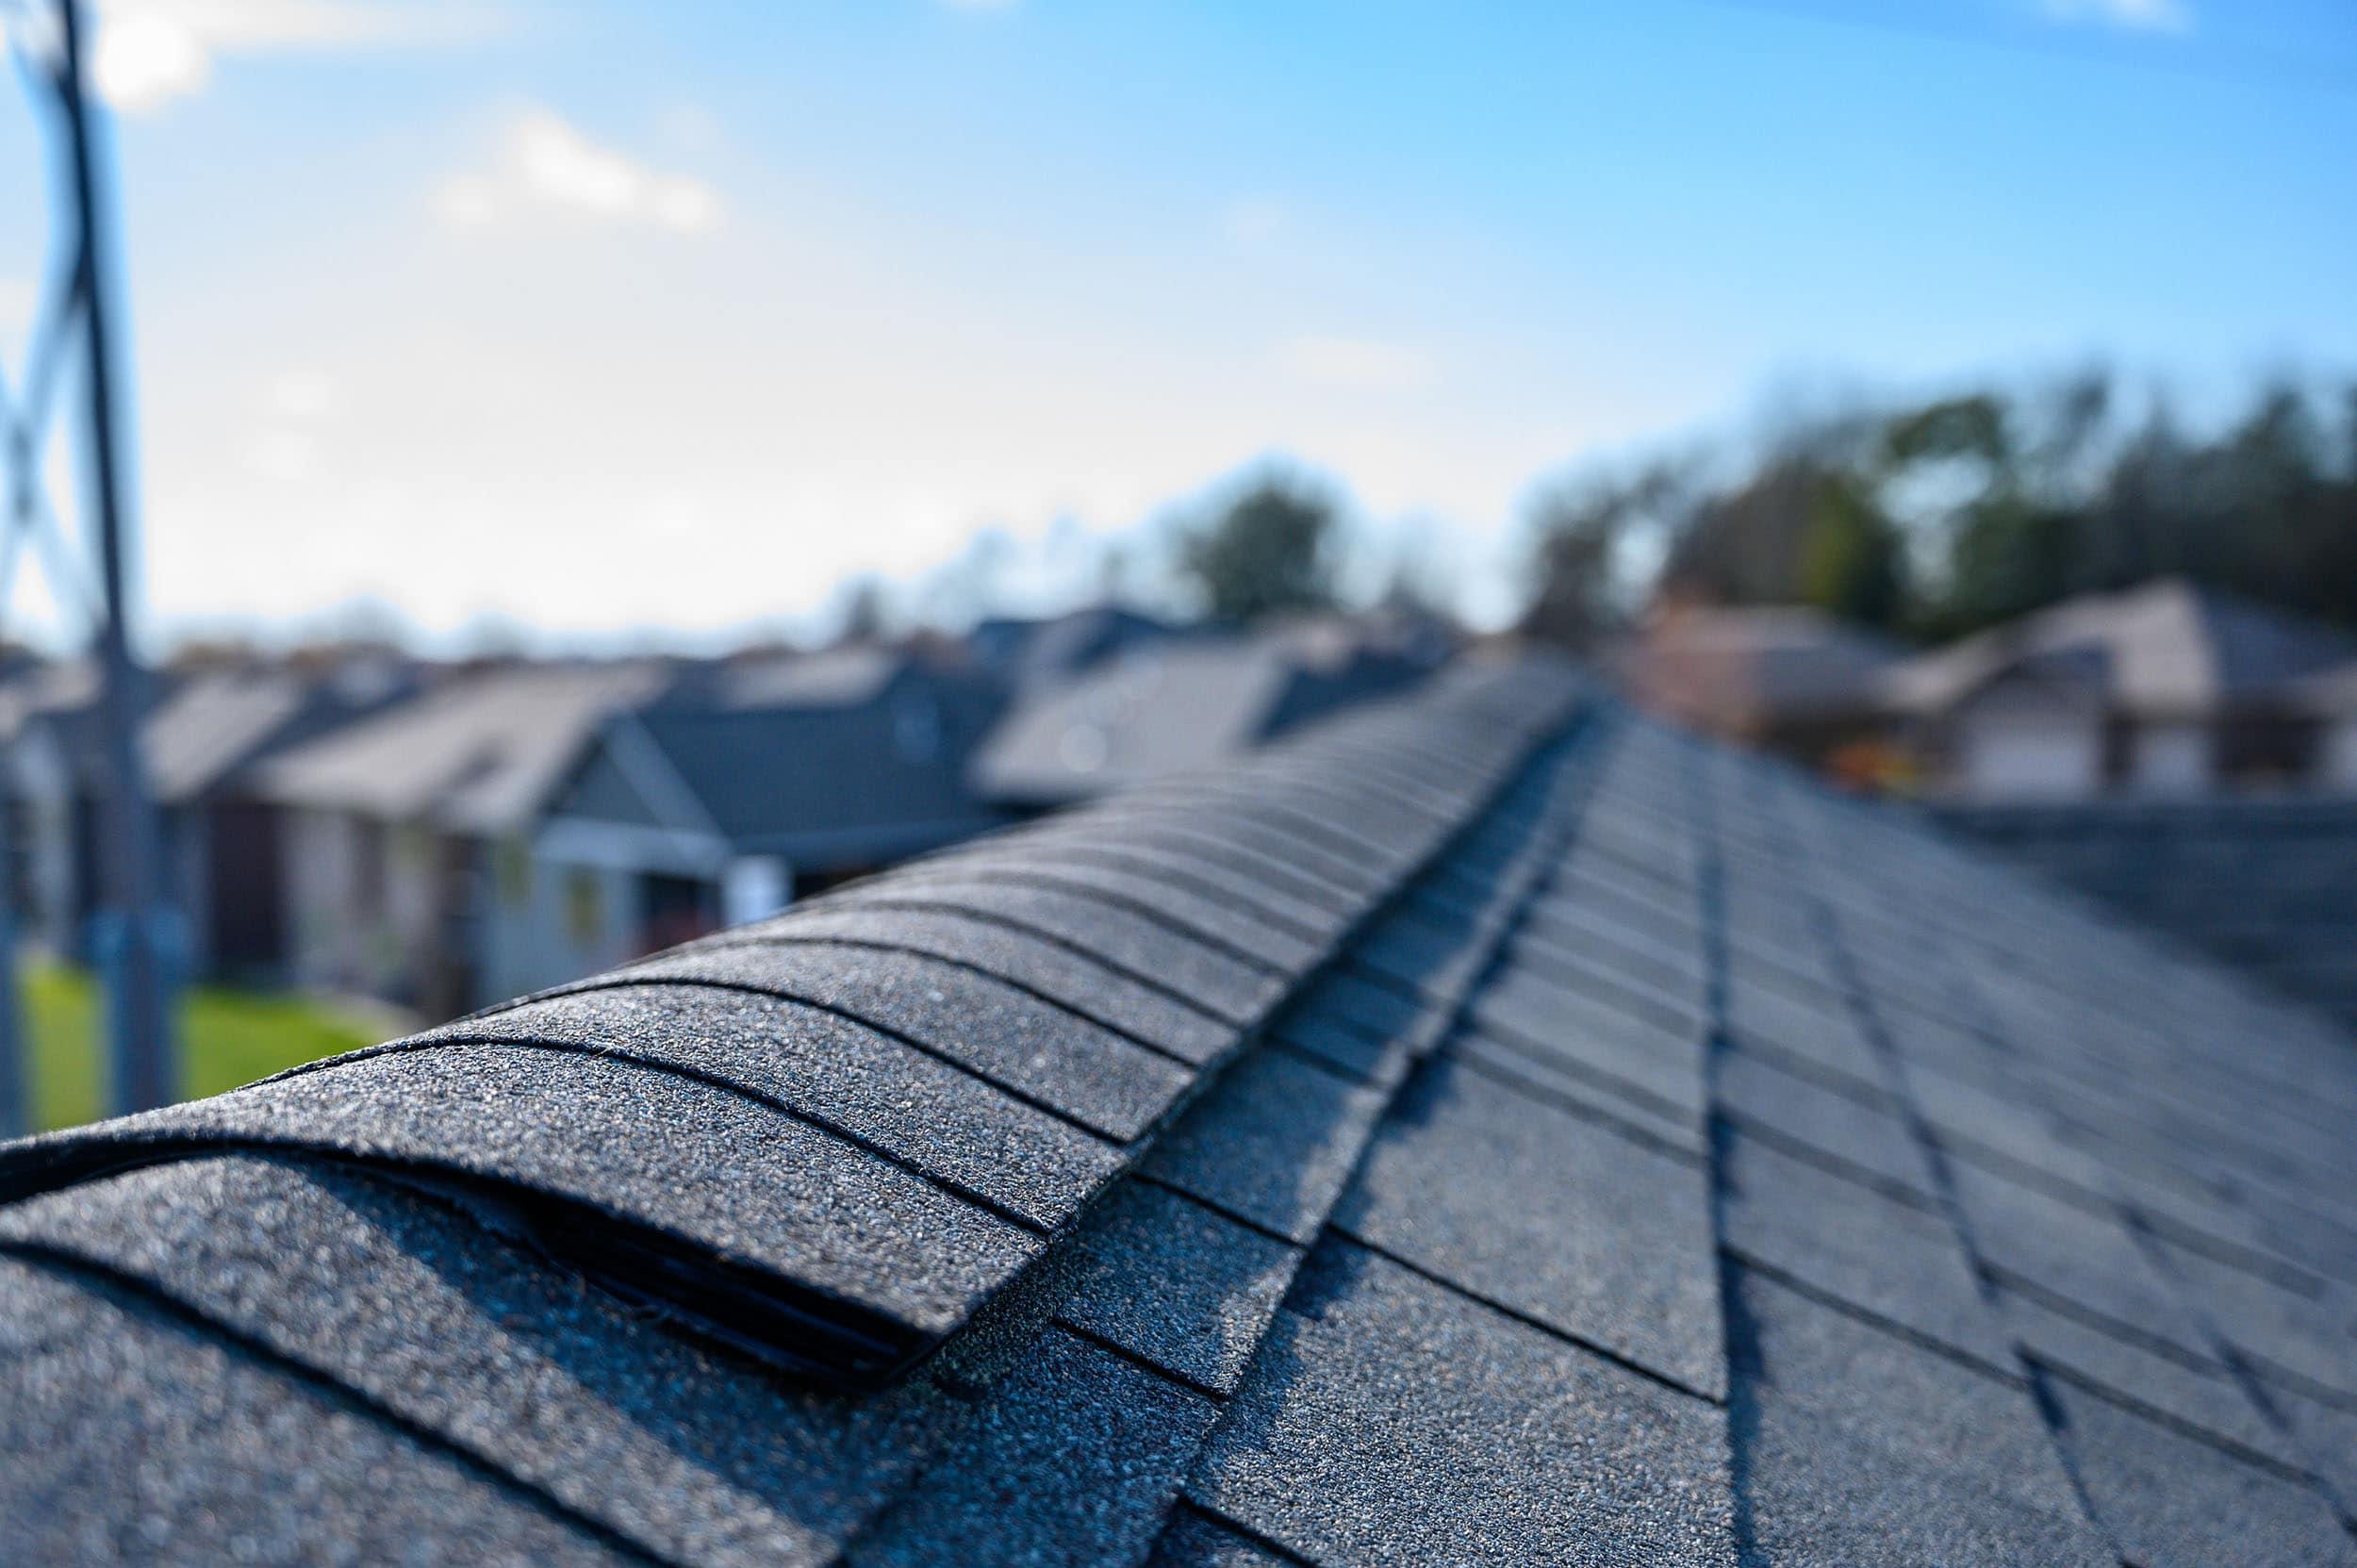 how long does an asphalt roof last